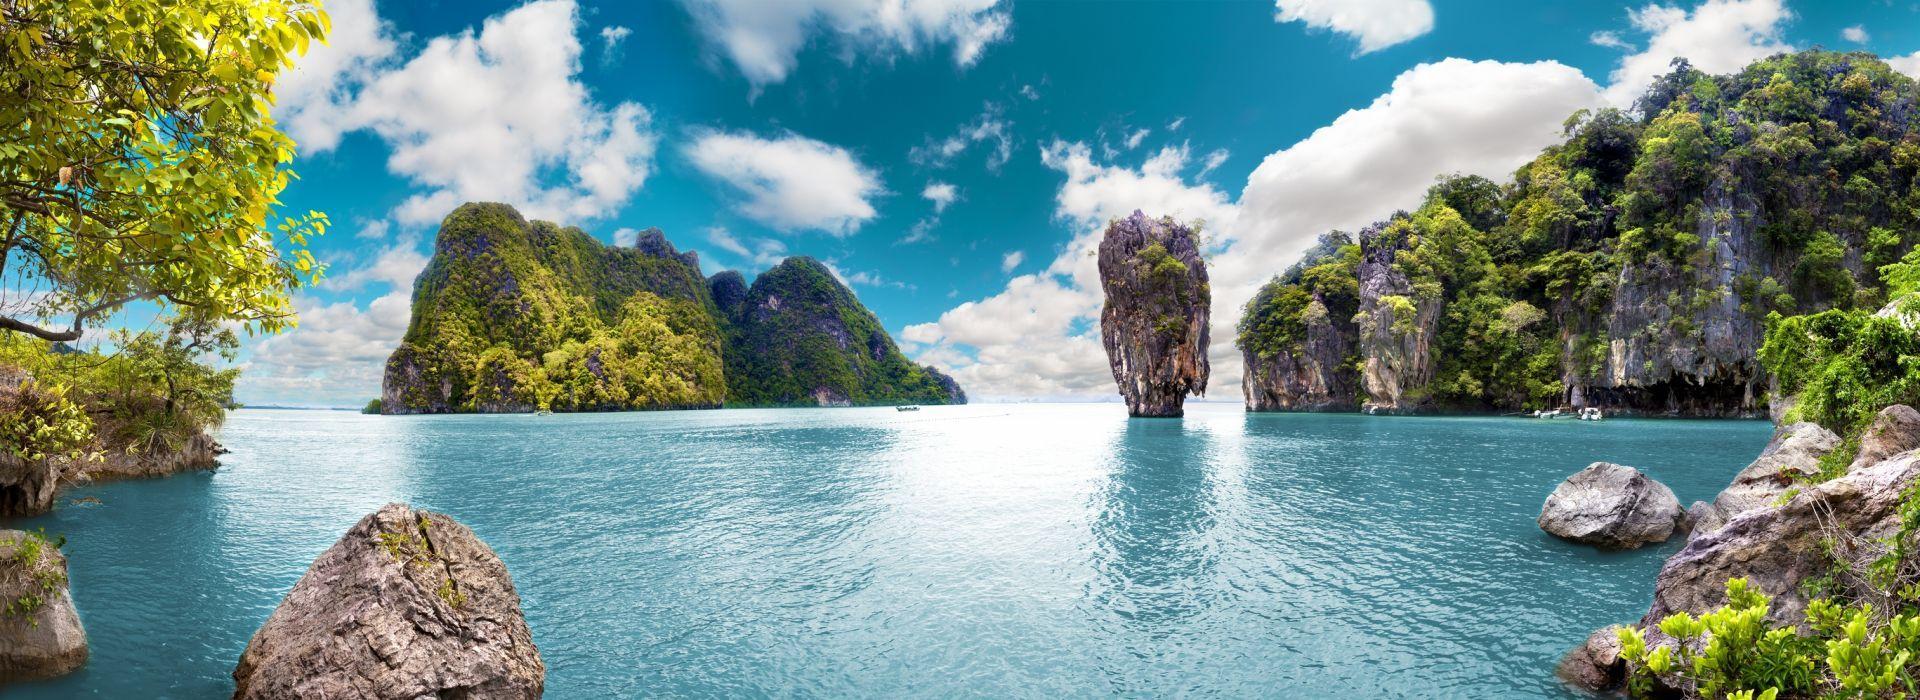 Cruise Tours in Bangkok